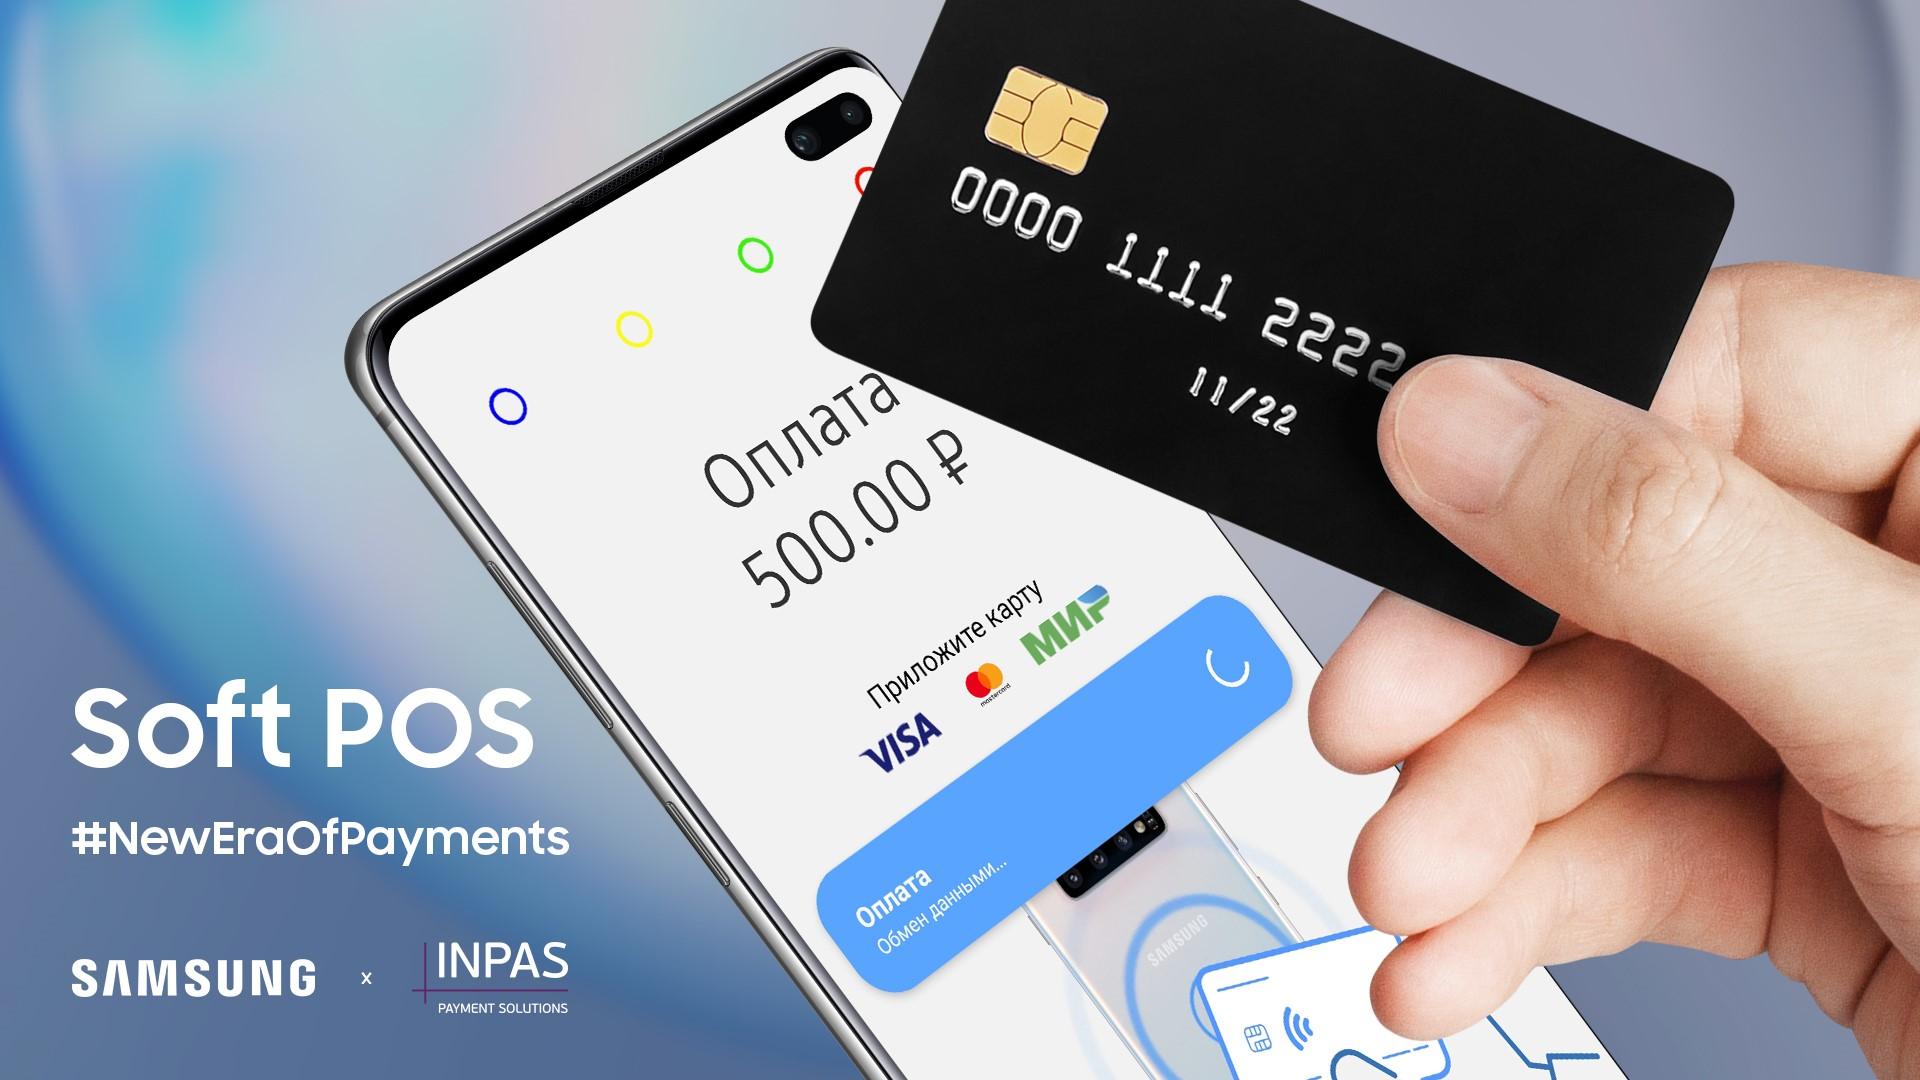 Samsung и INPAS представили SoftPOS